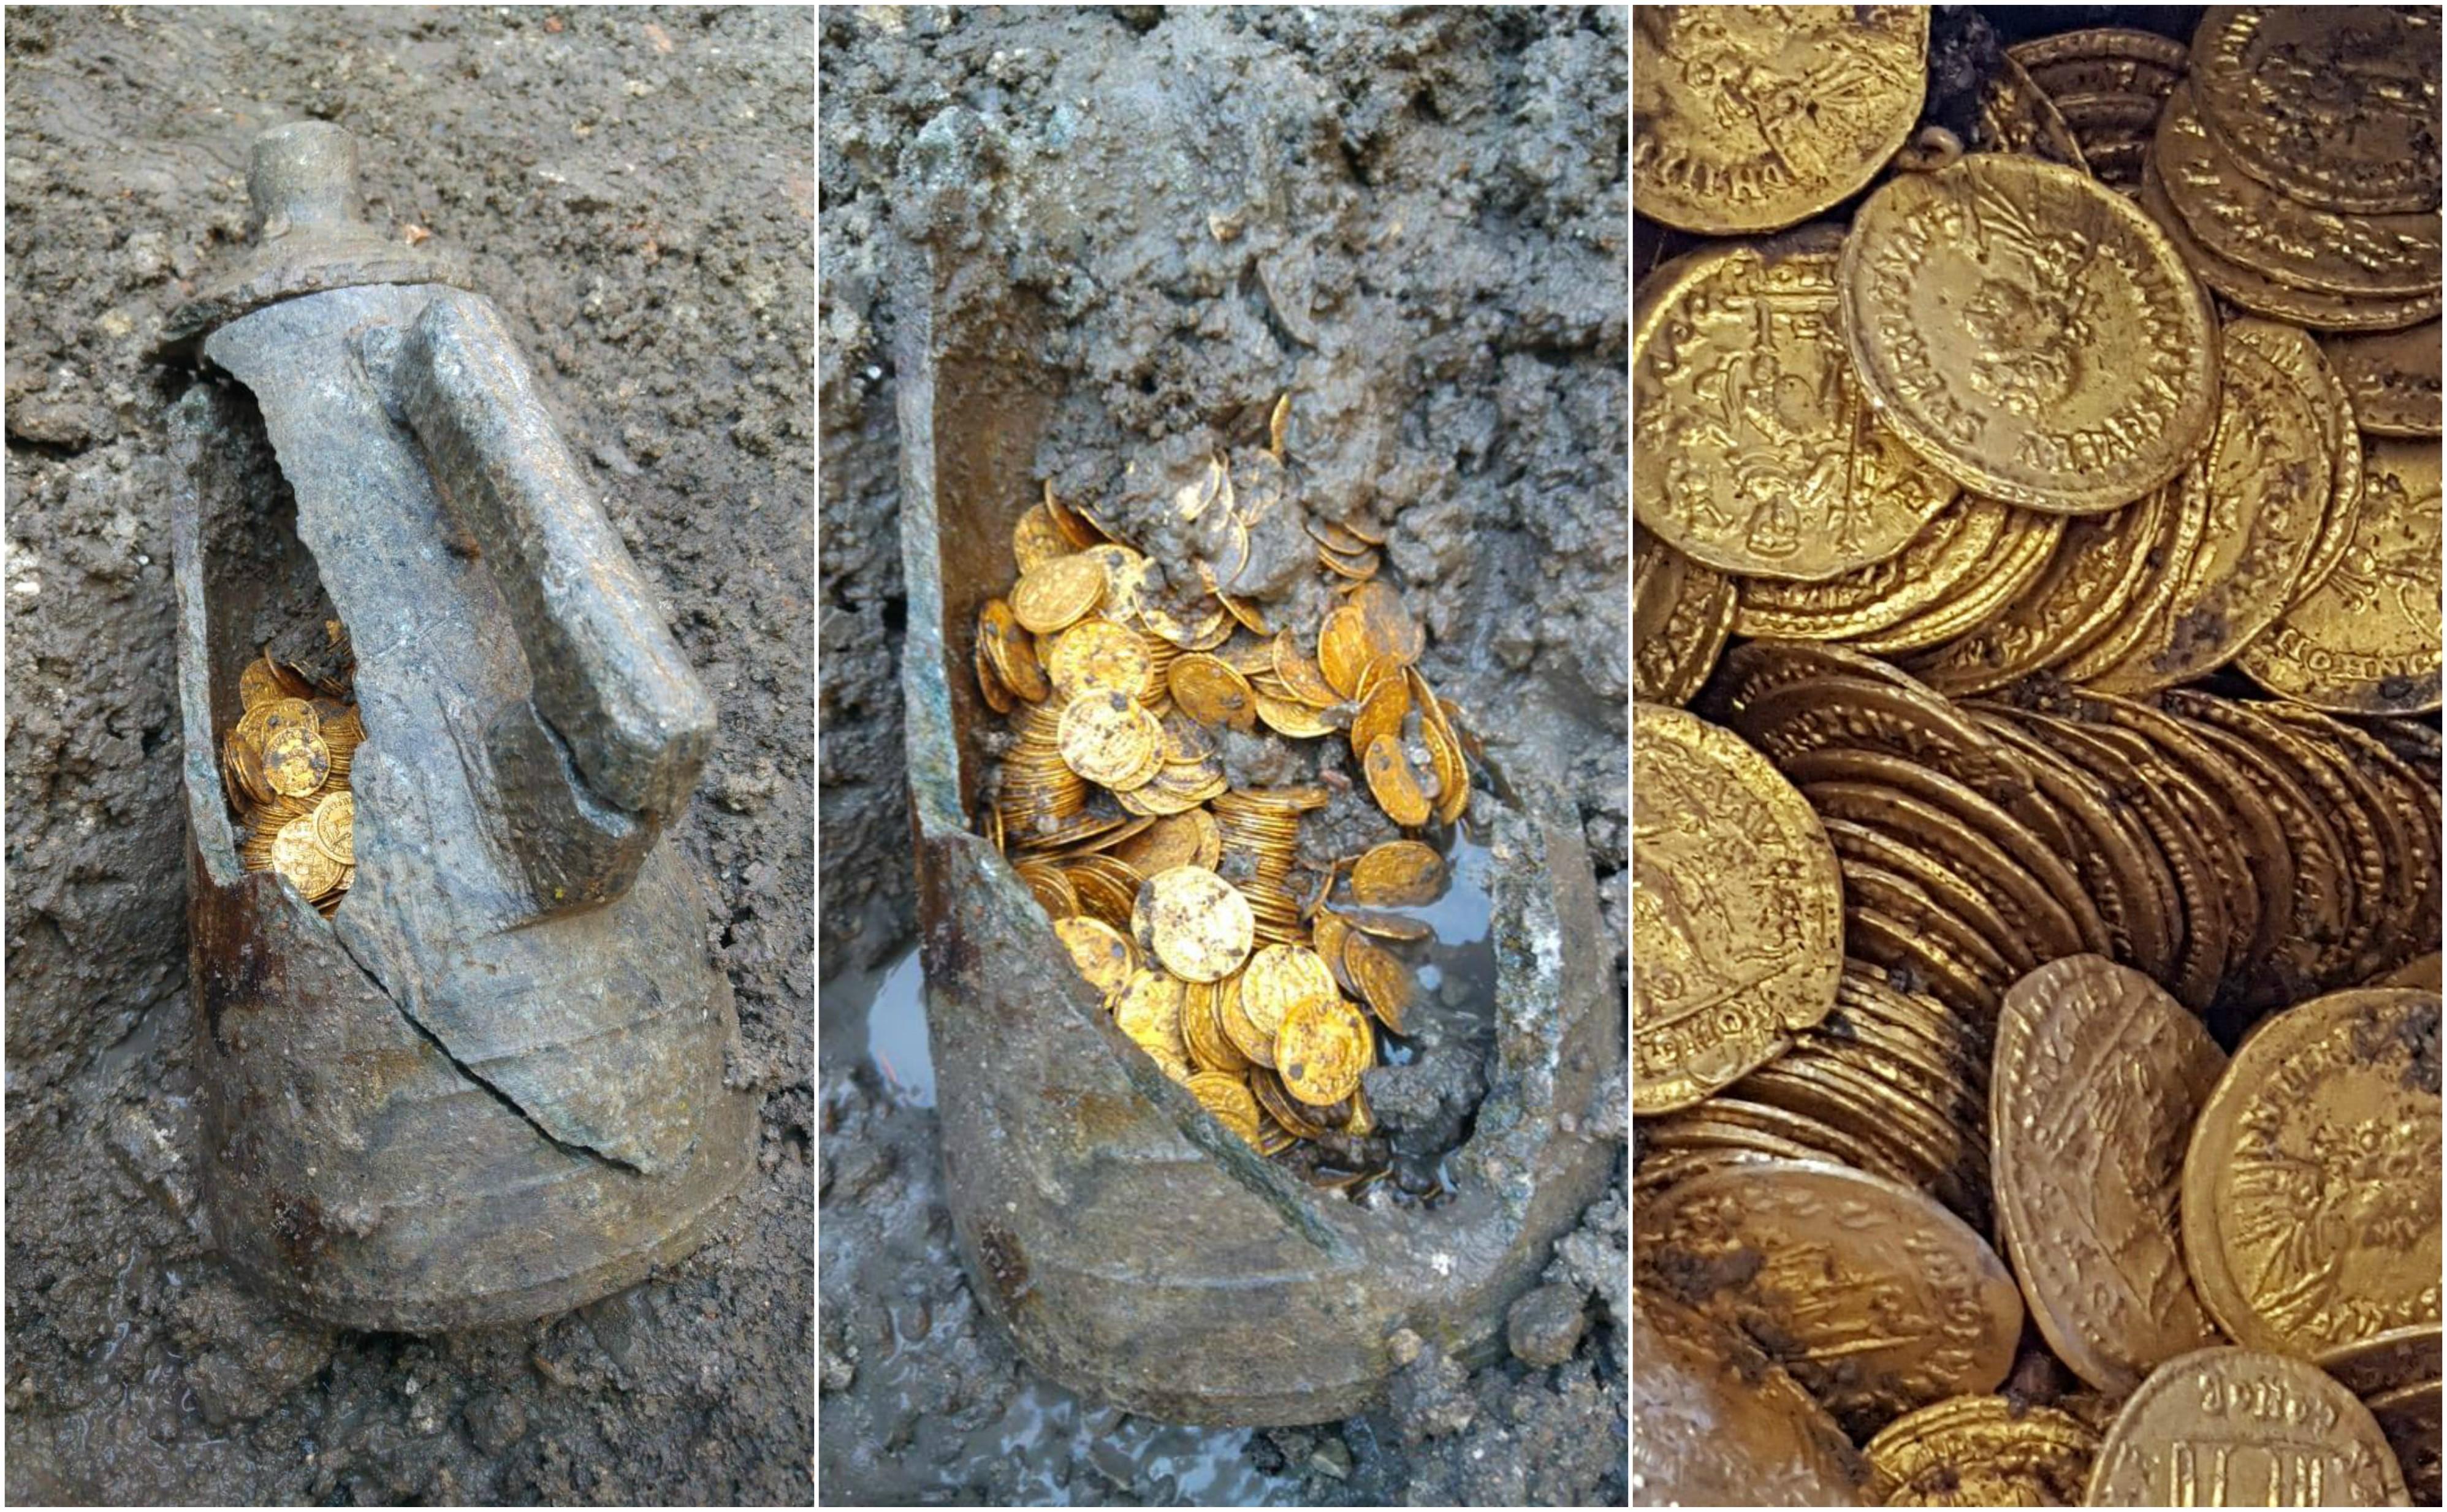 300 moedas de ouro encontradas dentro de ânfora na Itália. (Foto: Mibac)